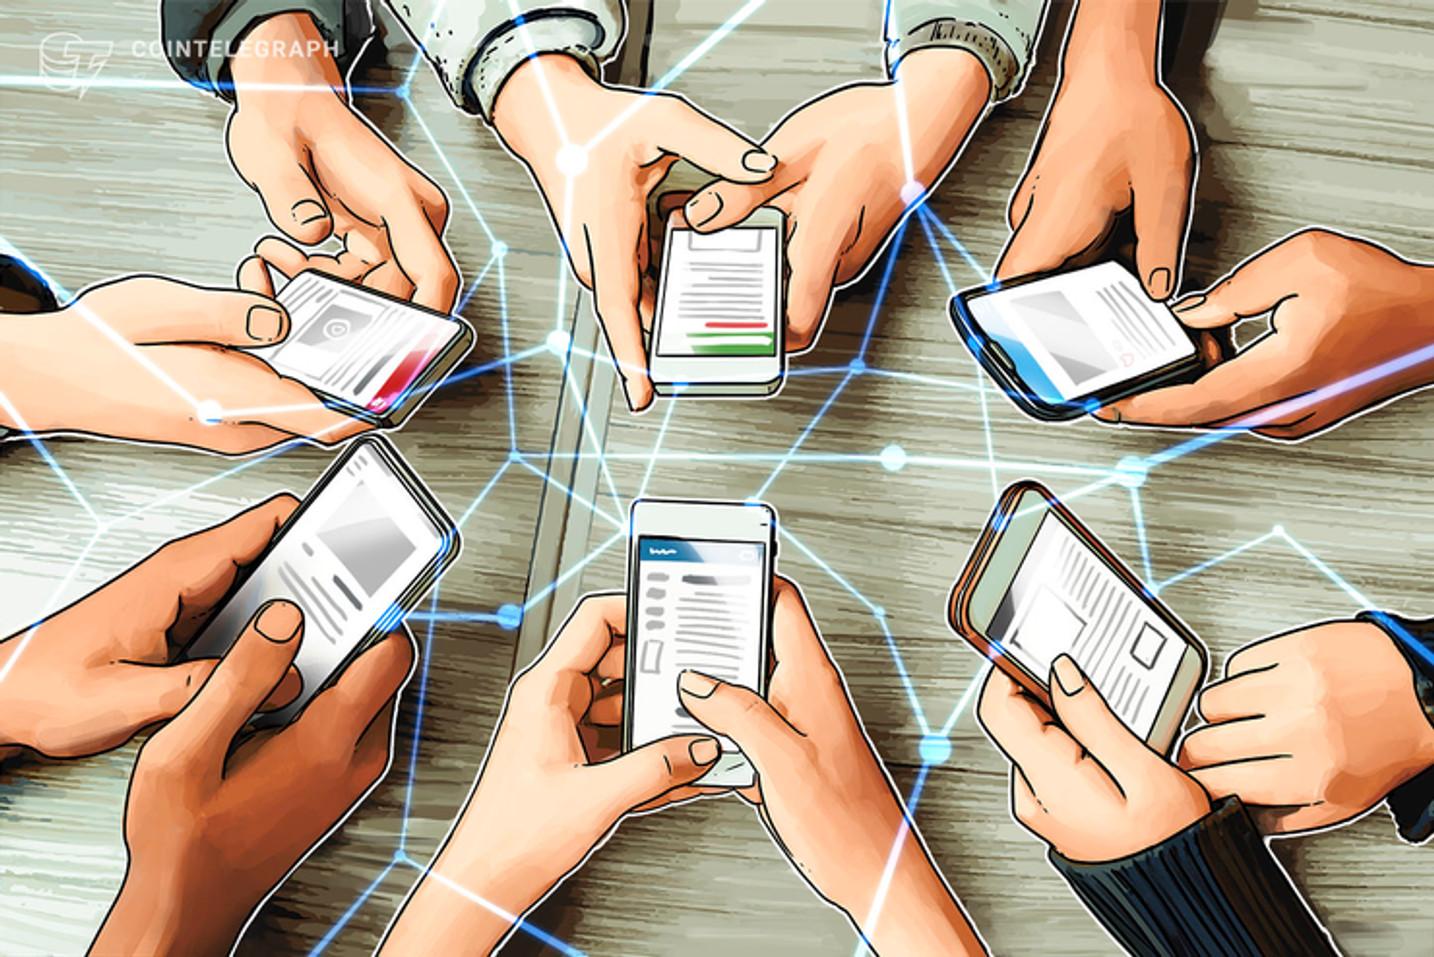 Tribunal de Contas vai implantar tecnologia usada em criptomoedas em compras públicas